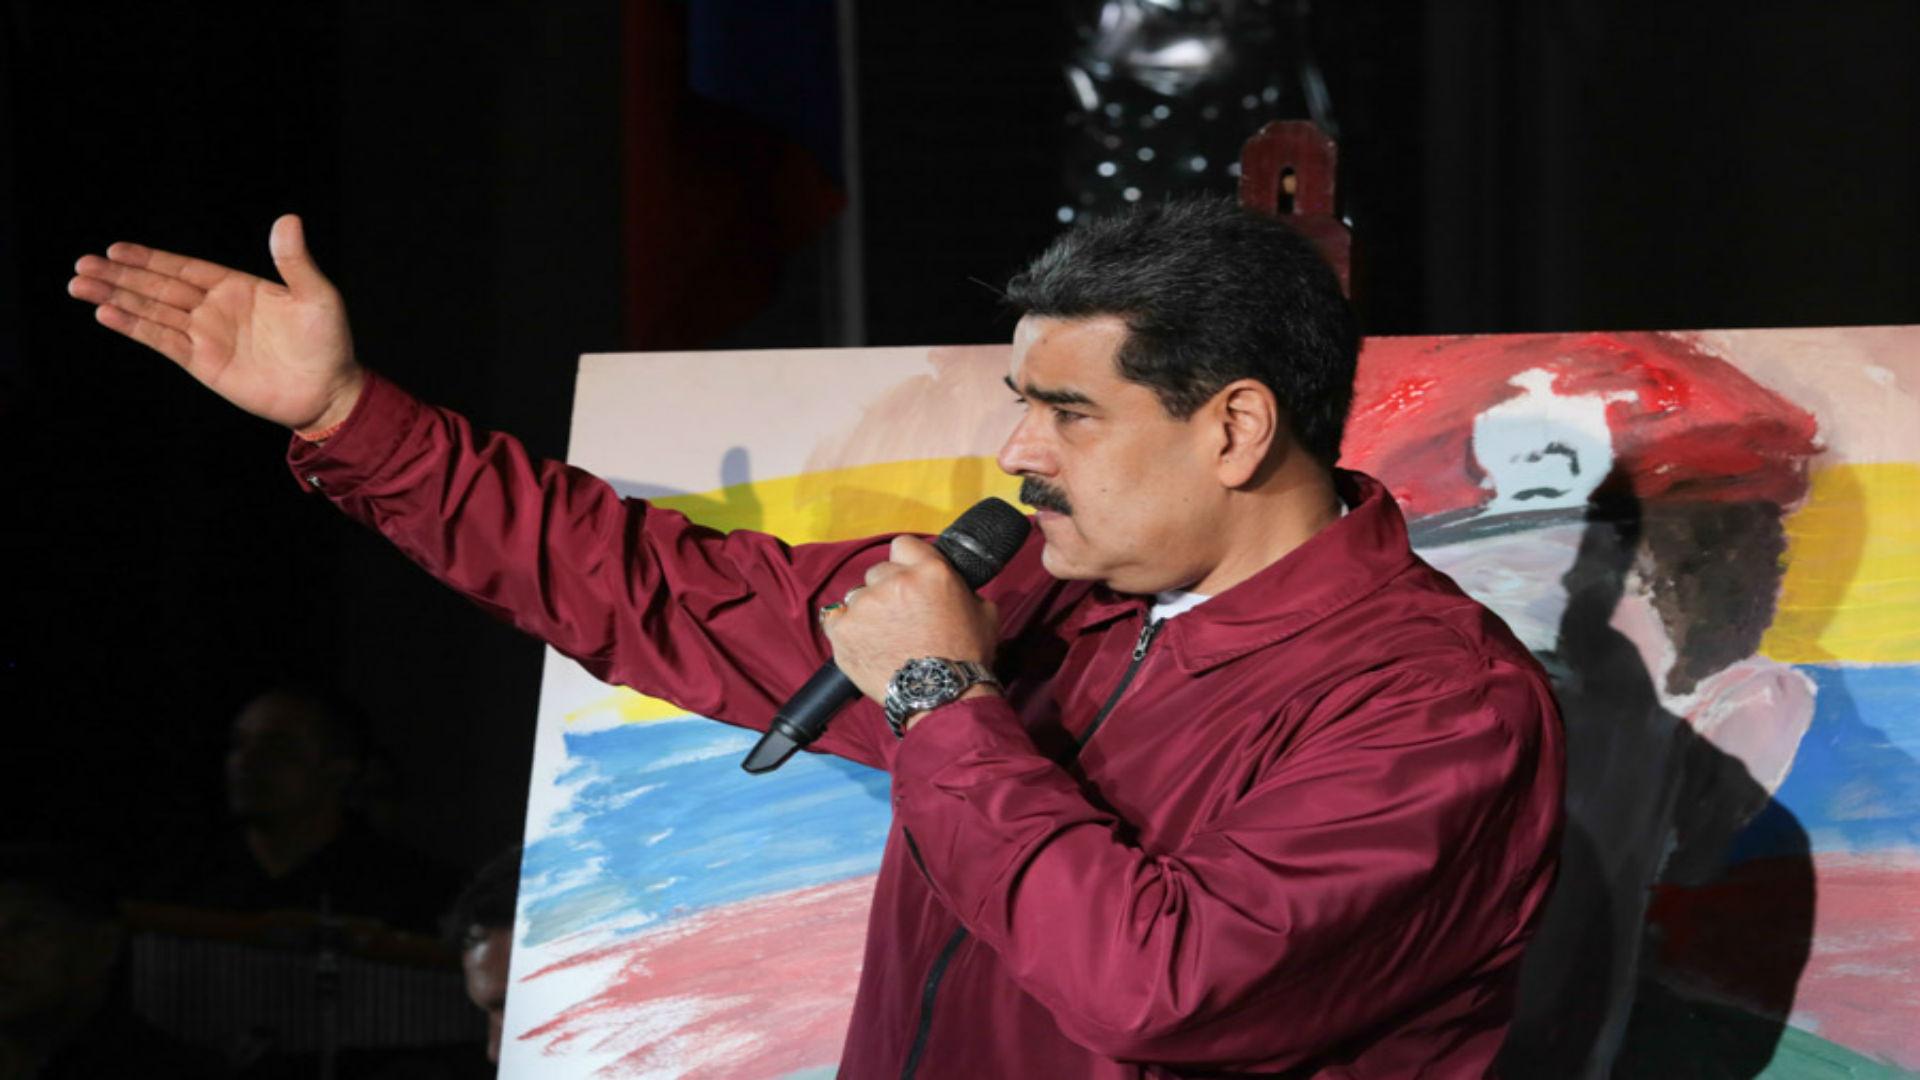 Excarcelan a médico en Lara que criticó vía WhatsApp a funcionario de Maduro